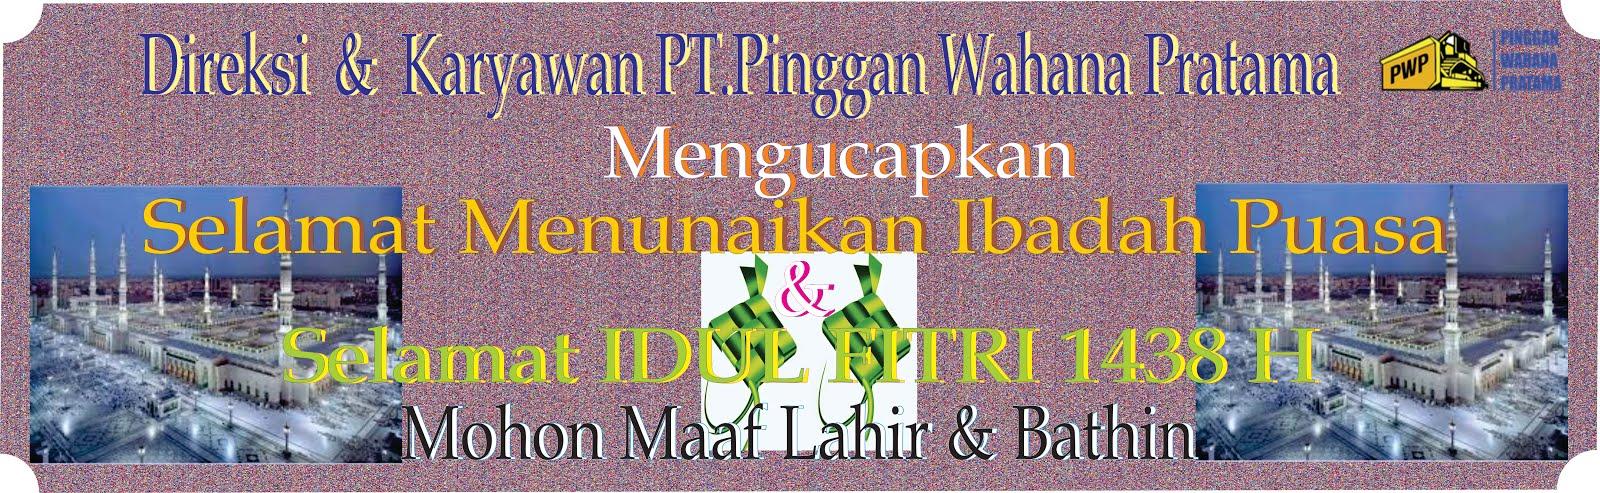 Ramadan & Idul Fitri 1438 H